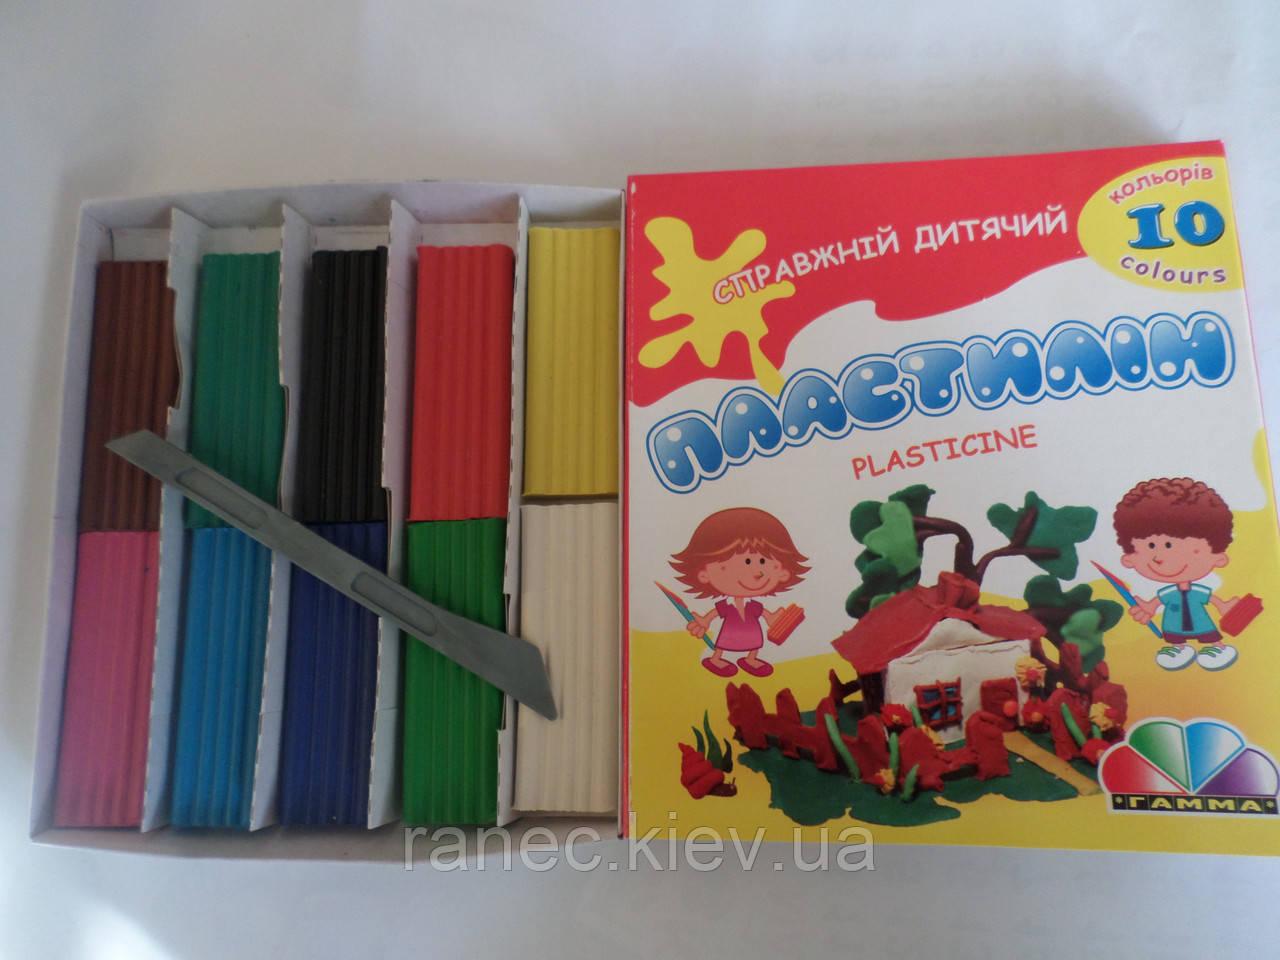 Пластилин Гамма 10 цветов 200 грамм со стеком Детский Серия Увлечения 331010 Гамма